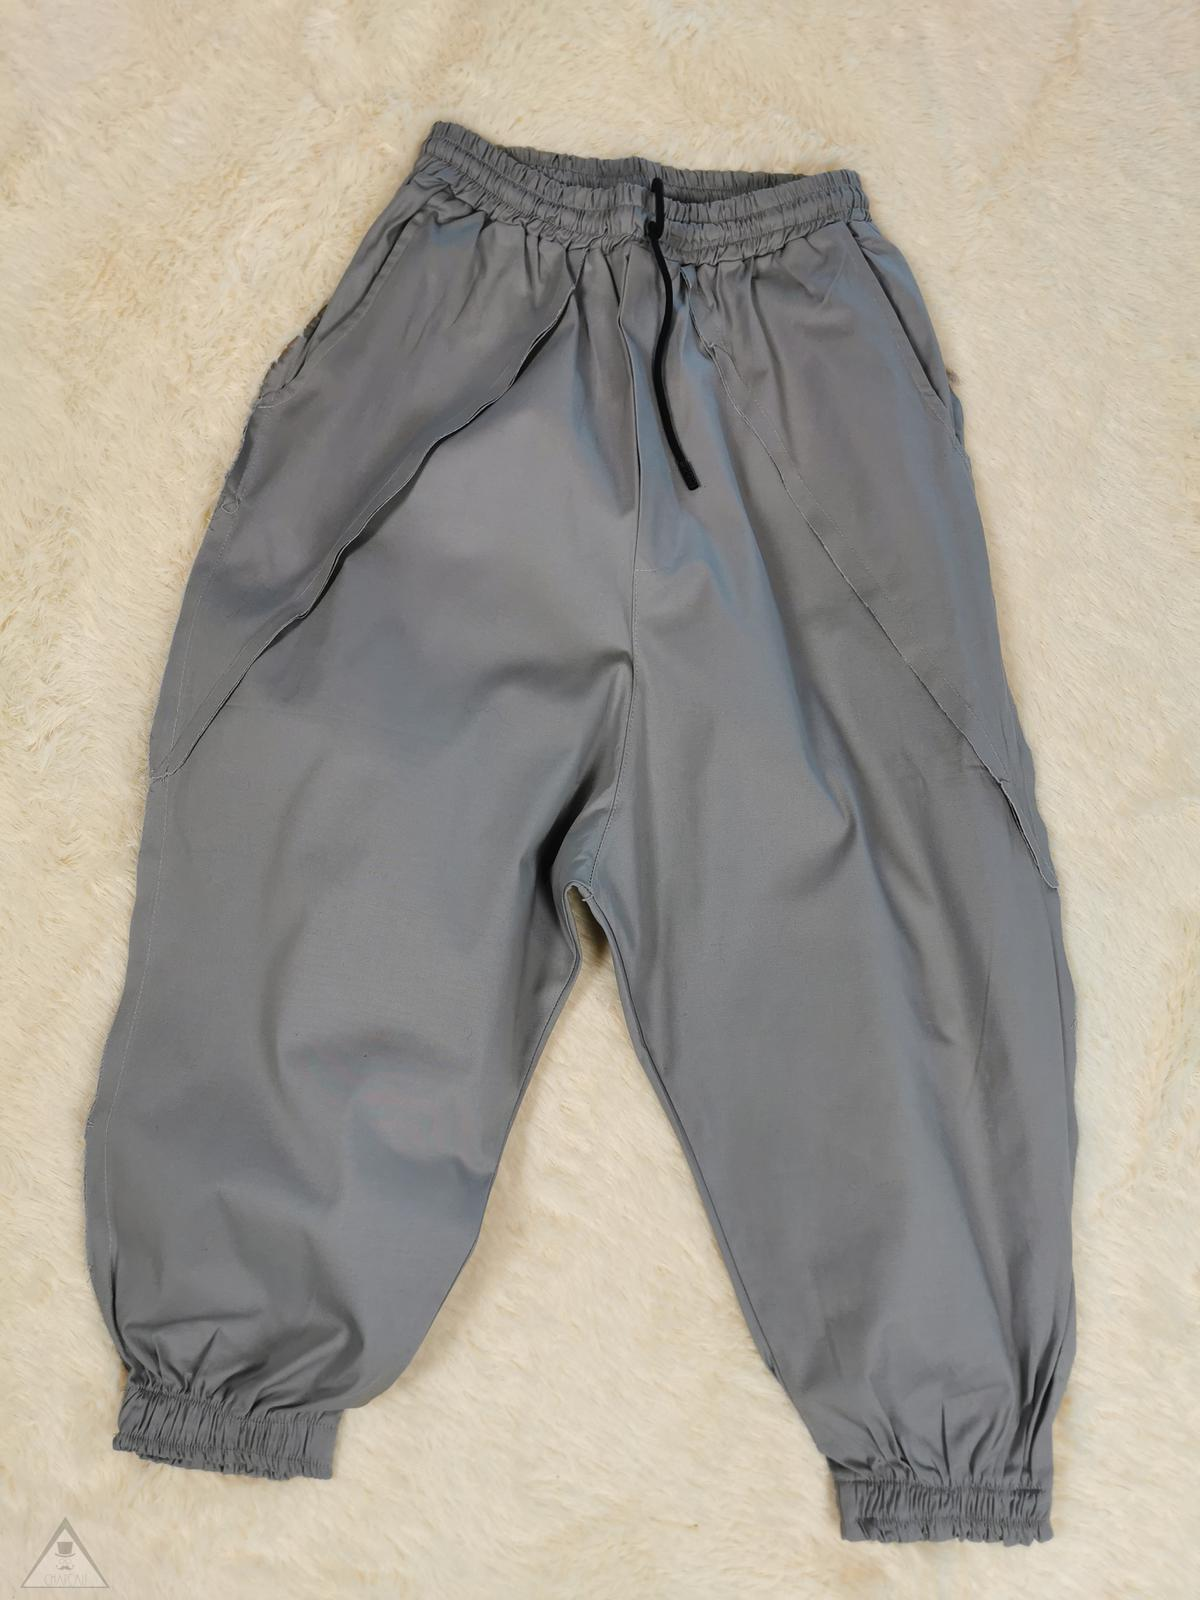 Pantalone cavallo basso grigio